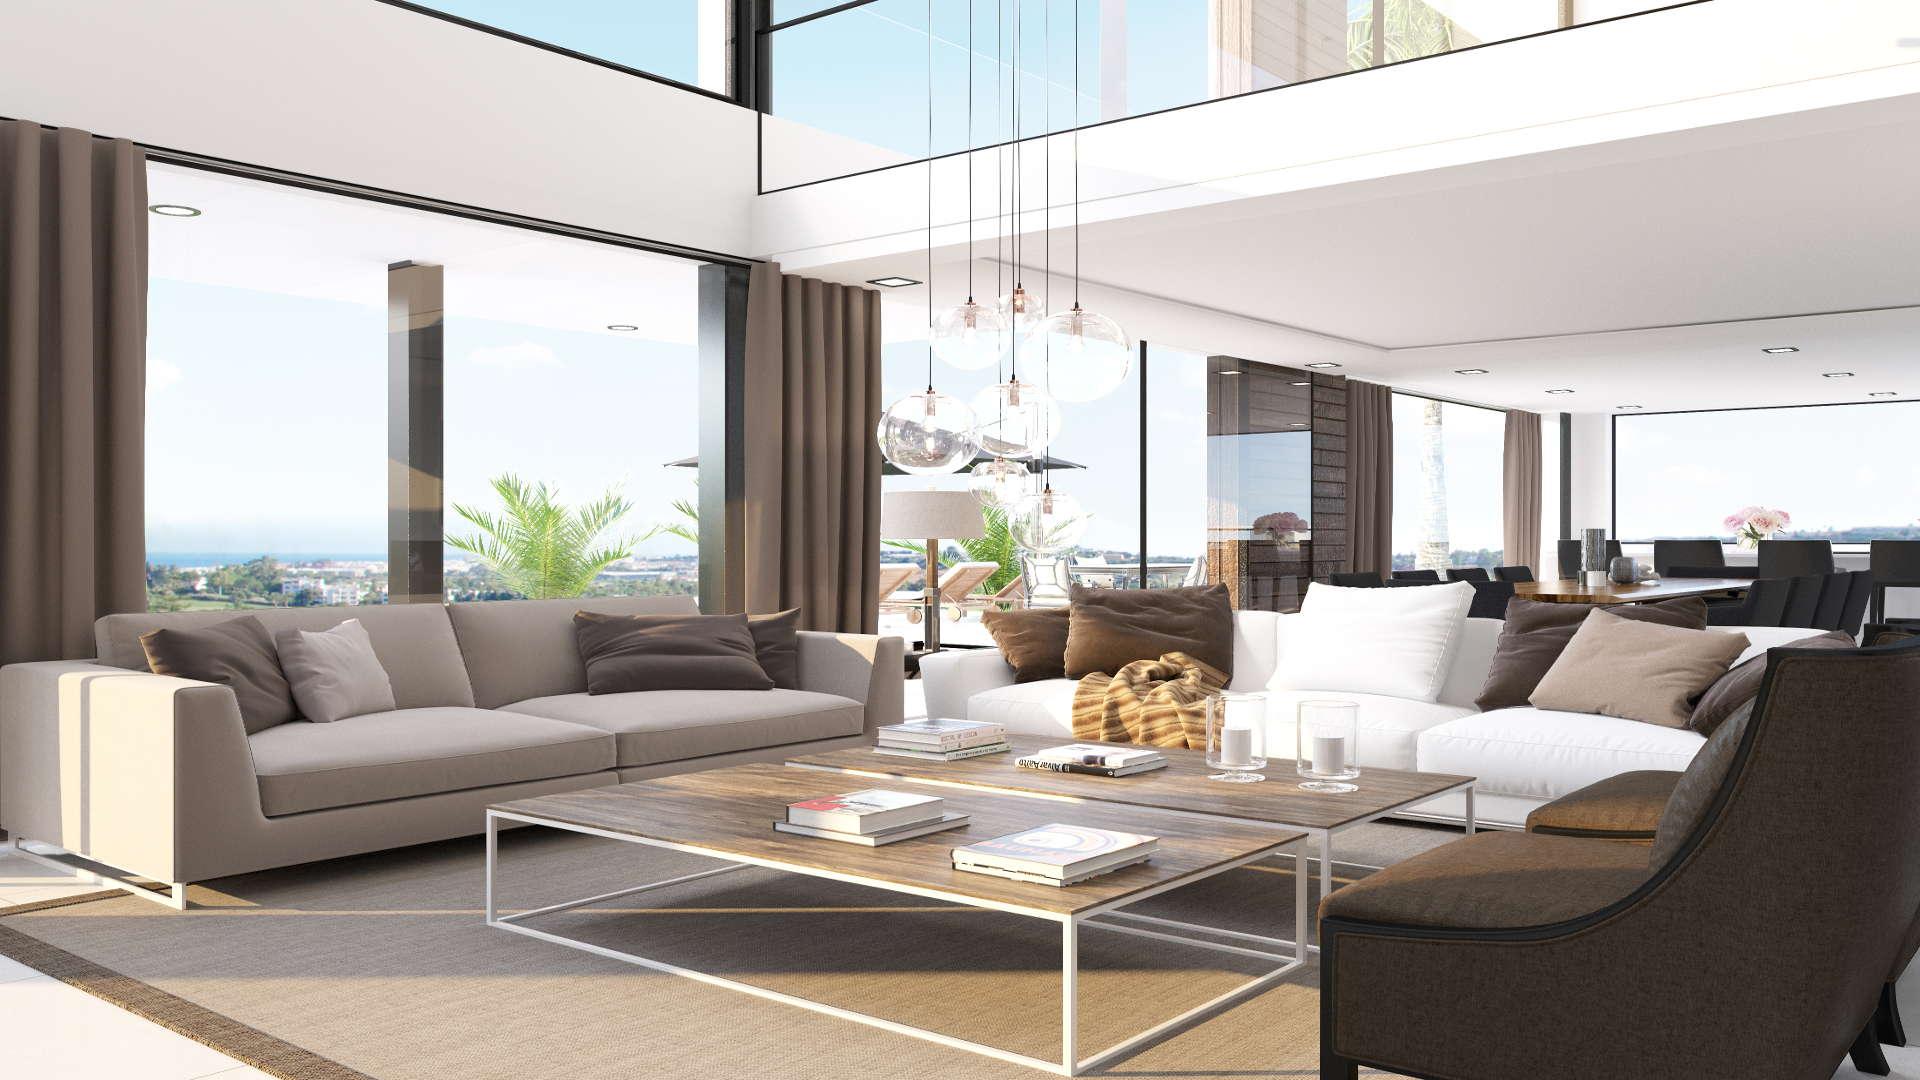 Los Olivos Nueva Andalucia Marbella New Modern Villa Project Realista Quality Properties 40